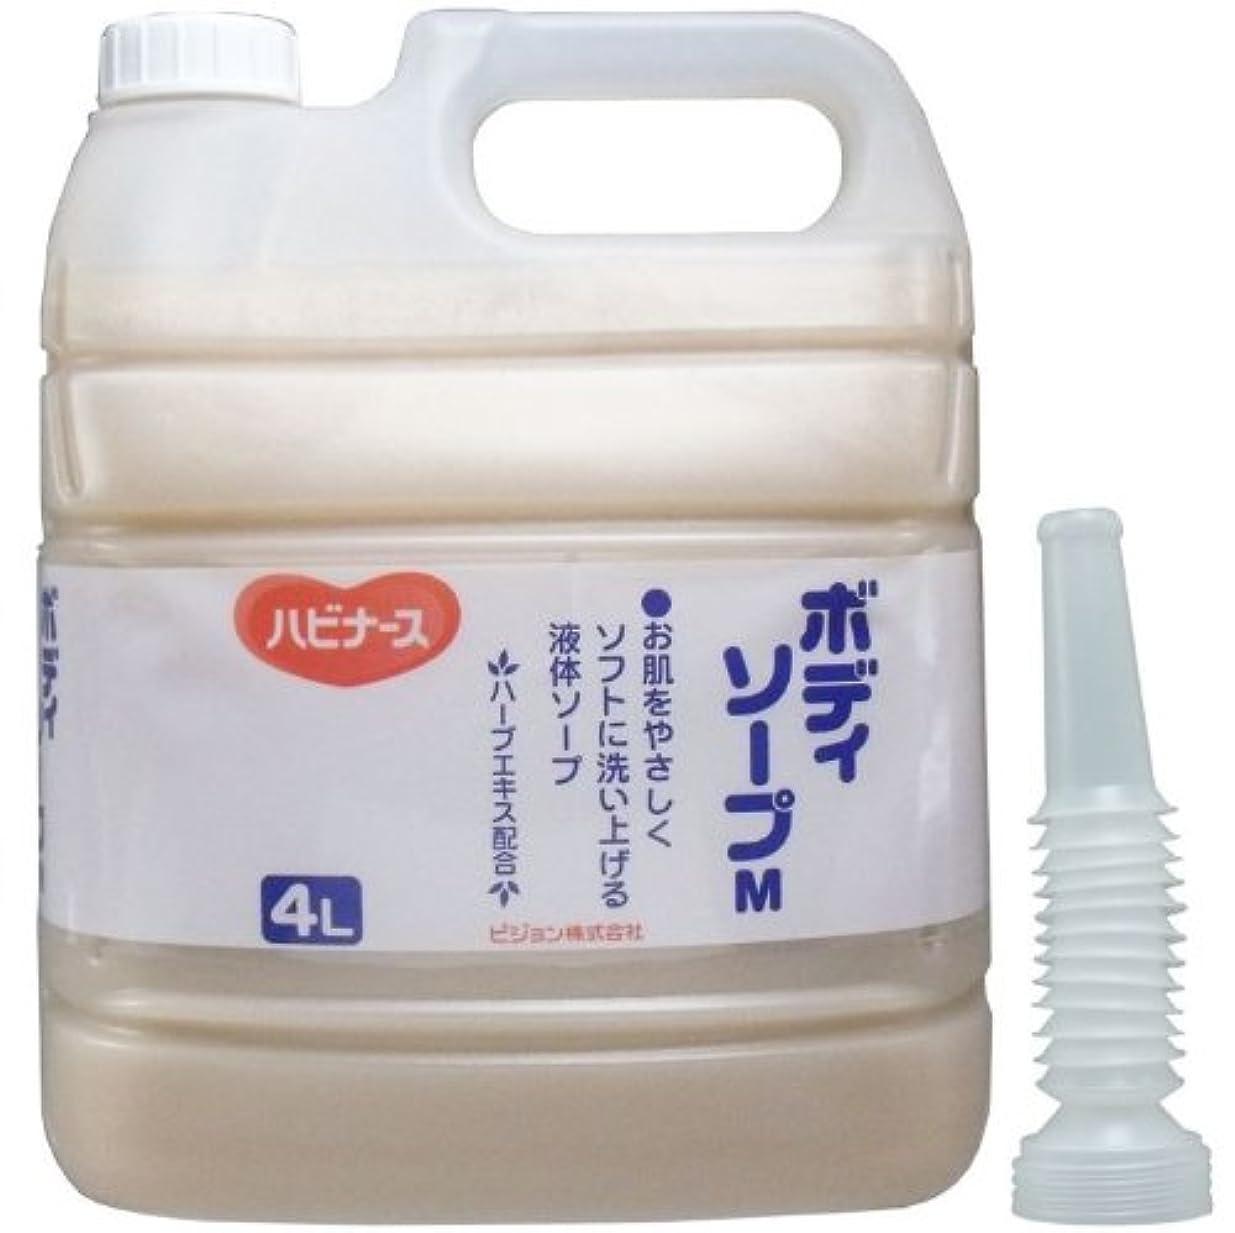 おっと制限するバリケード液体ソープ ボディソープ 風呂 石ケン お肌をやさしくソフトに洗い上げる!業務用 4L【4個セット】